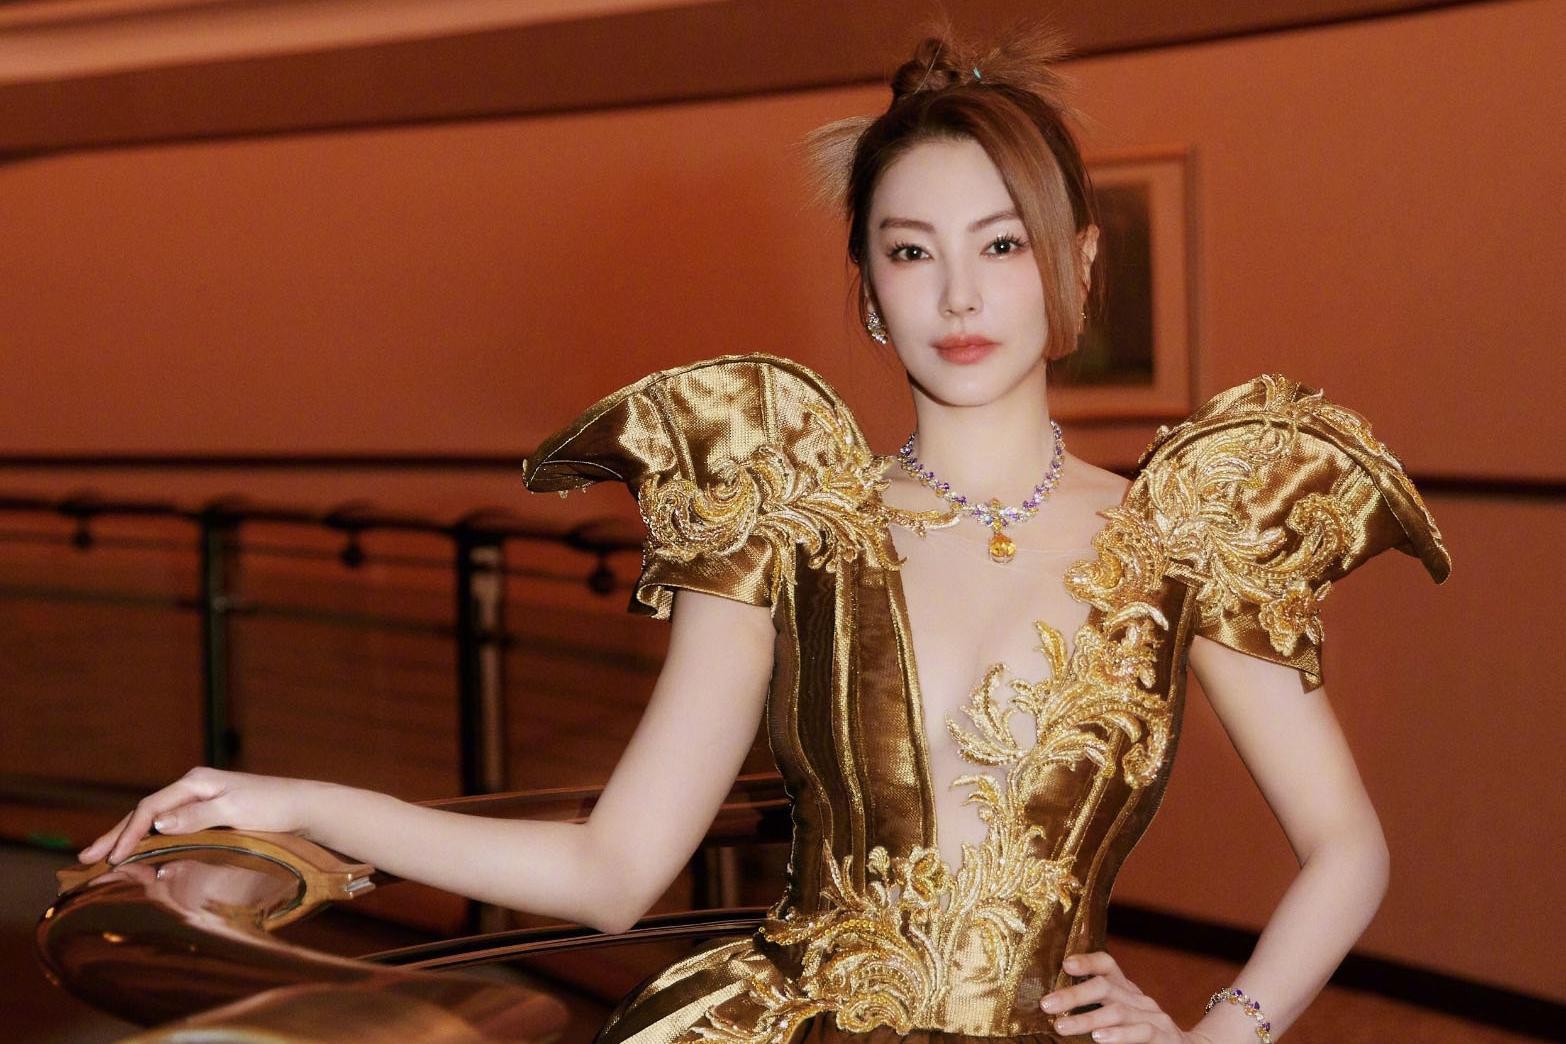 时尚文化大赏女星斗艳:刘诗诗轻盈如美人鱼,倪妮把假发穿身上